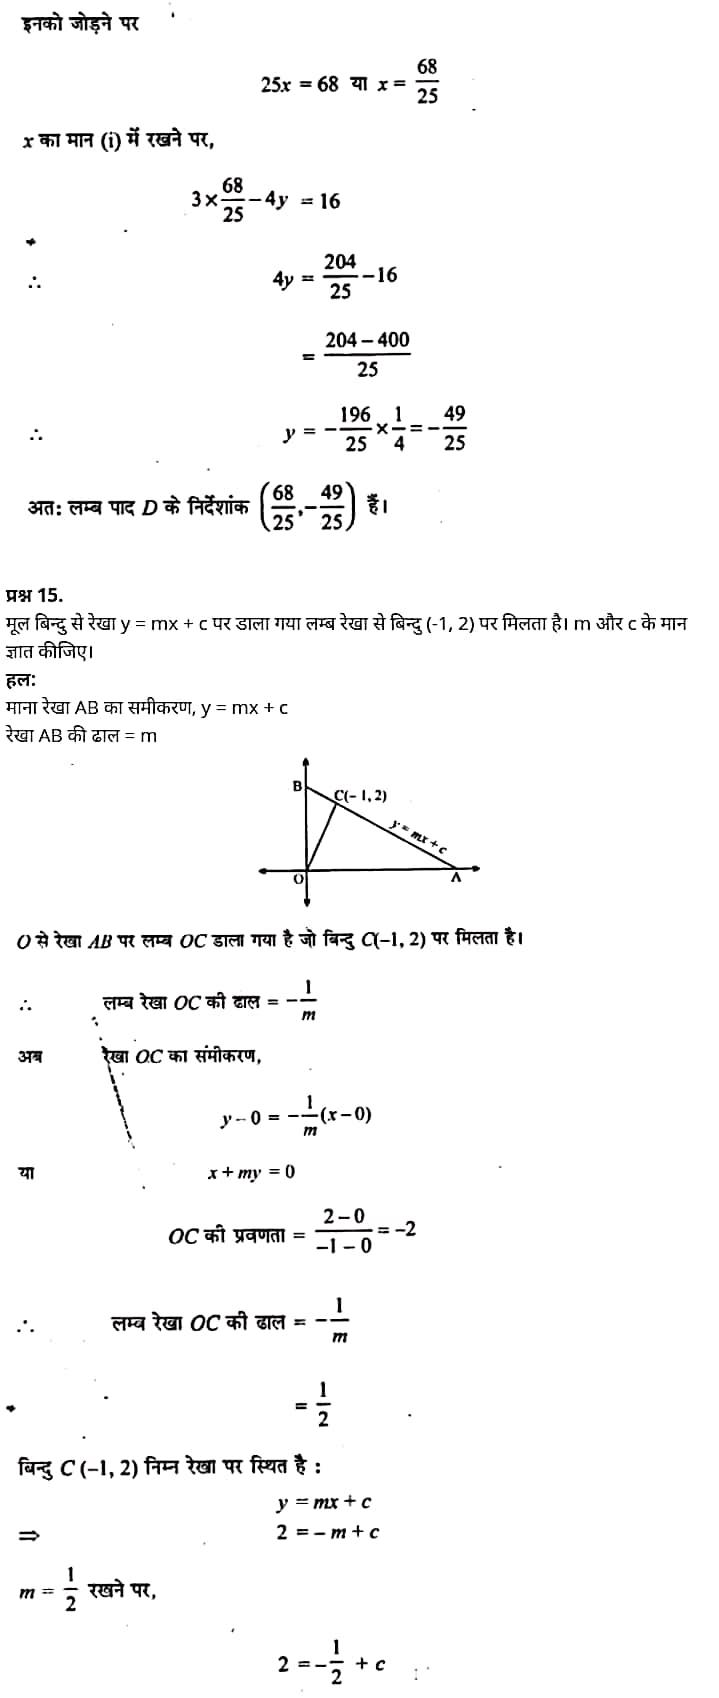 Straight Lines,  types of straight lines,  straight lines pdf,  straight lines formulas,  straight lines class 11 formulas,  straight line class 11, concept of straight line,  pair of straight lines,  straight lines class 11 pdf,   सरल रेखाएँ,  दो बिंदुओं से होकर जाने वाली रेखा का समीकरण,  सरल रेखा क्लास 11th,  सरल रेखा किसे कहते हैं,  एक रेखा पर कितने बिंदु होते हैं,  एक सरल रेखा पर स्थित बिंदुओं की संख्या कितनी होती है,  एक बिंदु से होकर जाने वाली रेखा का समीकरण,  y-अक्ष का समीकरण है,  रेखा कितने प्रकार के होते हैं,    Class 11 matha Chapter 10,  class 11 matha chapter 10, ncert solutions in hindi,  class 11 matha chapter 10, notes in hindi,  class 11 matha chapter 10, question answer,  class 11 matha chapter 10, notes,  11 class matha chapter 10, in hindi,  class 11 matha chapter 10, in hindi,  class 11 matha chapter 10, important questions in hindi,  class 11 matha notes in hindi,   matha class 11 notes pdf,  matha Class 11 Notes 2021 NCERT,  matha Class 11 PDF,  matha book,  matha Quiz Class 11,  11th matha book up board,  up Board 11th matha Notes,  कक्षा 11 मैथ्स अध्याय 10,  कक्षा 11 मैथ्स का अध्याय 10, ncert solution in hindi,  कक्षा 11 मैथ्स के अध्याय 10, के नोट्स हिंदी में,  कक्षा 11 का मैथ्स अध्याय 10, का प्रश्न उत्तर,  कक्षा 11 मैथ्स अध्याय 10, के नोट्स,  11 कक्षा मैथ्स अध्याय 10, हिंदी में,  कक्षा 11 मैथ्स अध्याय 10, हिंदी में,  कक्षा 11 मैथ्स अध्याय 10, महत्वपूर्ण प्रश्न हिंदी में,  कक्षा 11 के मैथ्स के नोट्स हिंदी में,  मैथ्स कक्षा 11 नोट्स pdf,  मैथ्स कक्षा 11 नोट्स 2021 NCERT,  मैथ्स कक्षा 11 PDF,  मैथ्स पुस्तक,  मैथ्स की बुक,  मैथ्स प्रश्नोत्तरी Class 11, 11 वीं मैथ्स पुस्तक up board,  बिहार बोर्ड 11 वीं मैथ्स नोट्स,   कक्षा 11 गणित अध्याय 10,  कक्षा 11 गणित का अध्याय 10, ncert solution in hindi,  कक्षा 11 गणित के अध्याय 10, के नोट्स हिंदी में,  कक्षा 11 का गणित अध्याय 10, का प्रश्न उत्तर,  कक्षा 11 गणित अध्याय 10, के नोट्स,  11 कक्षा गणित अध्याय 10, हिंदी में,  कक्षा 11 गणित अध्याय 10, हिंदी में,  कक्षा 11 गणित अध्याय 10, महत्वपूर्ण प्रश्न हिंदी म